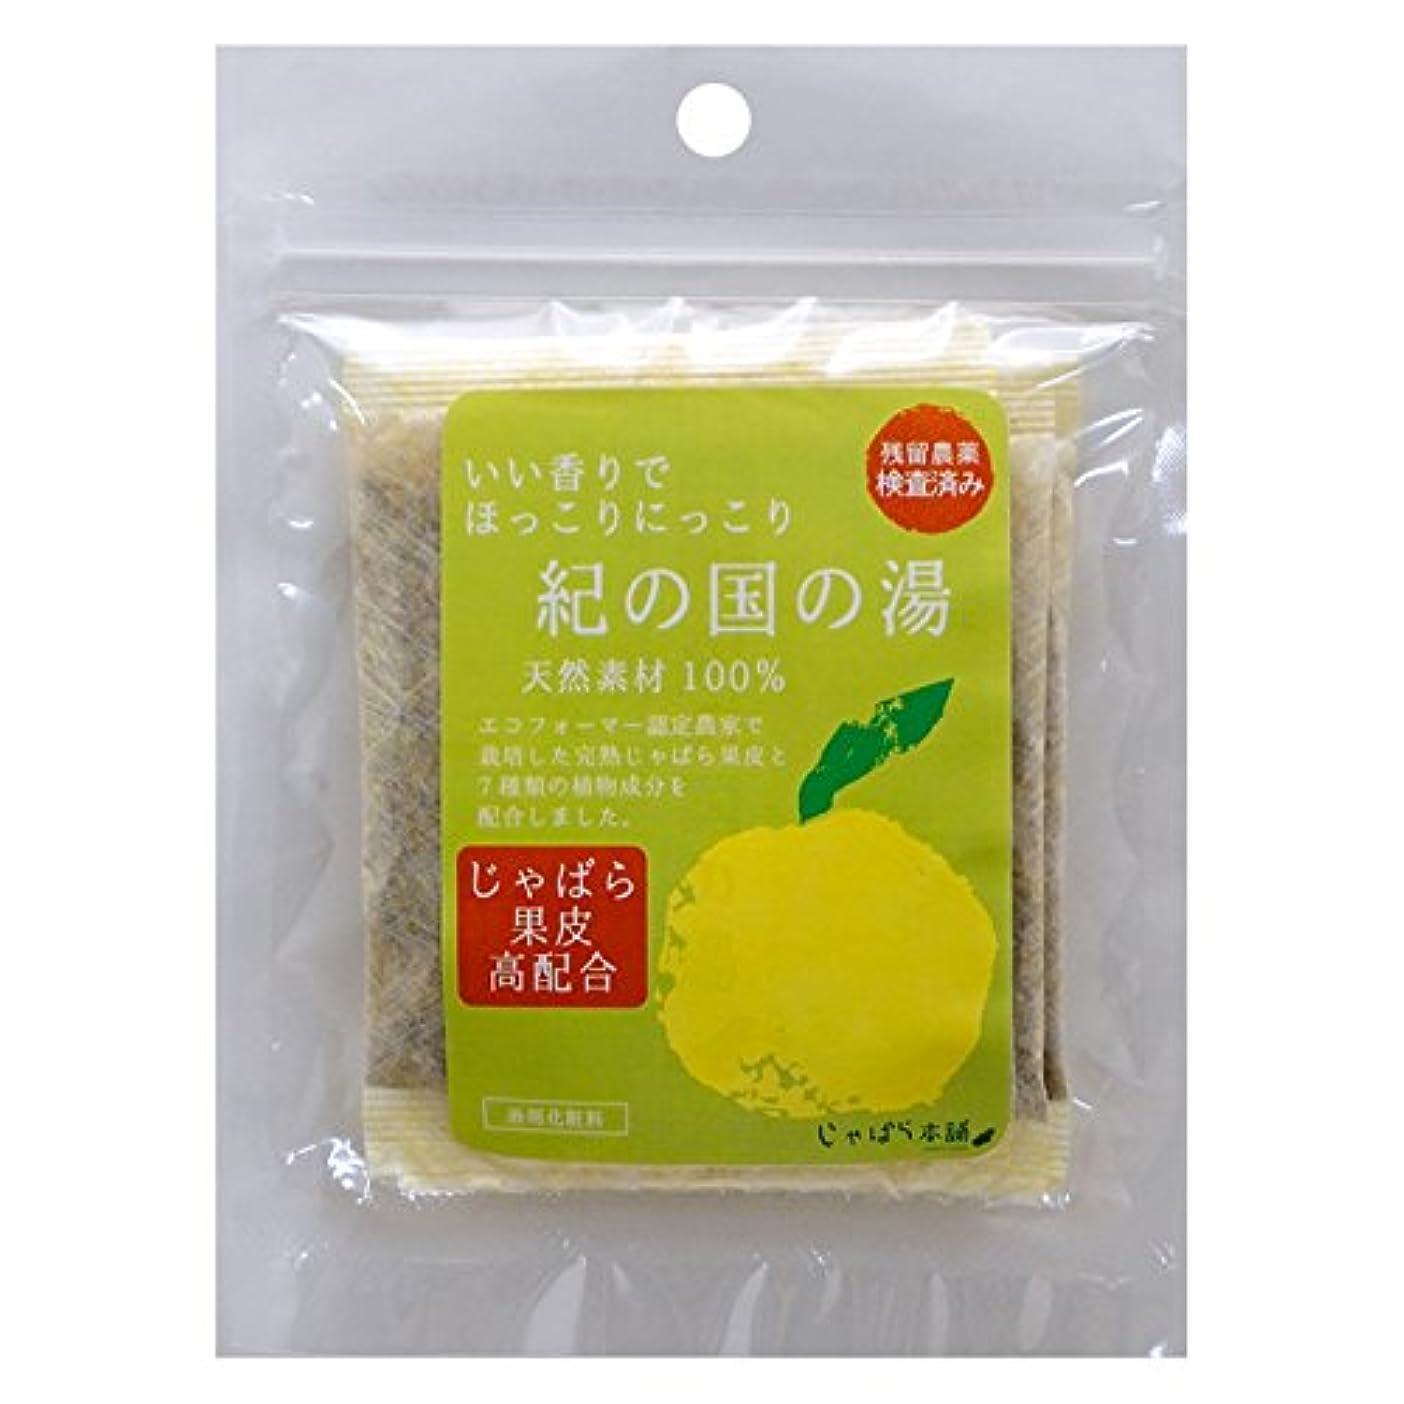 スリップシューズクスコお勧めじゃばら果皮入りの入浴剤 「紀の国の湯」 1袋(15g×3包入り)